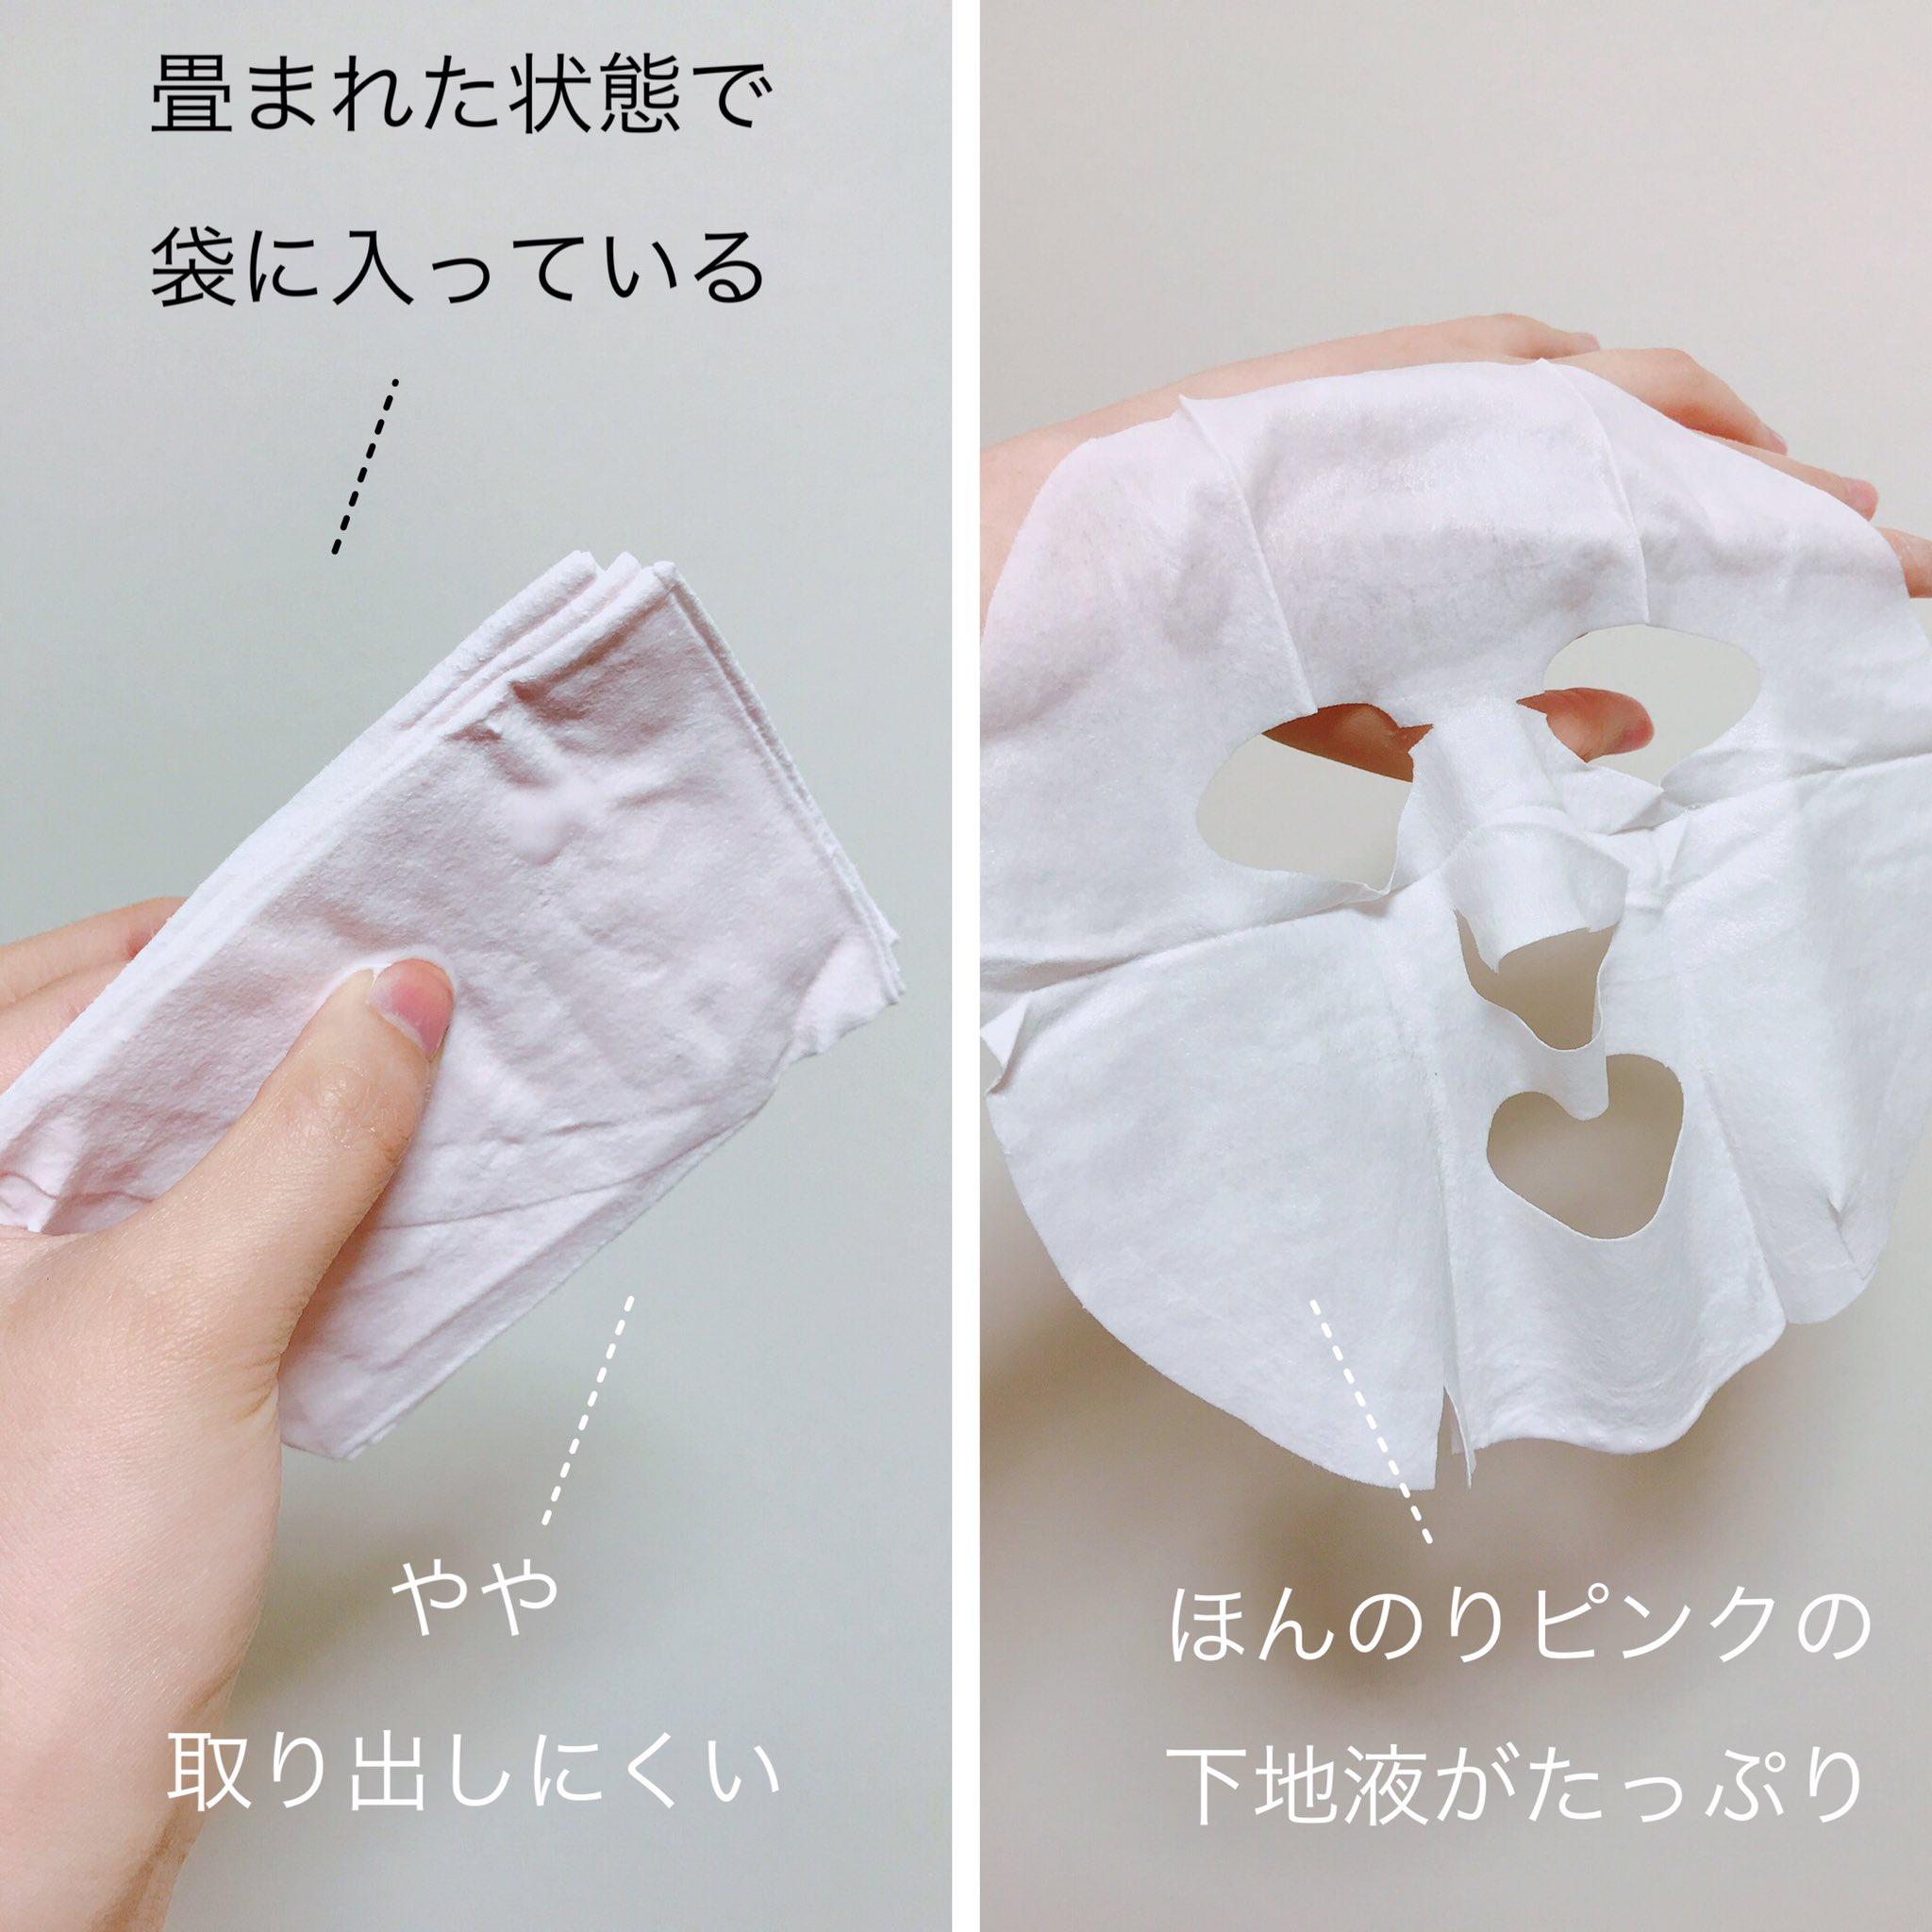 化粧下地がマスク?しかも崩れない?これめっちゃ凄い!